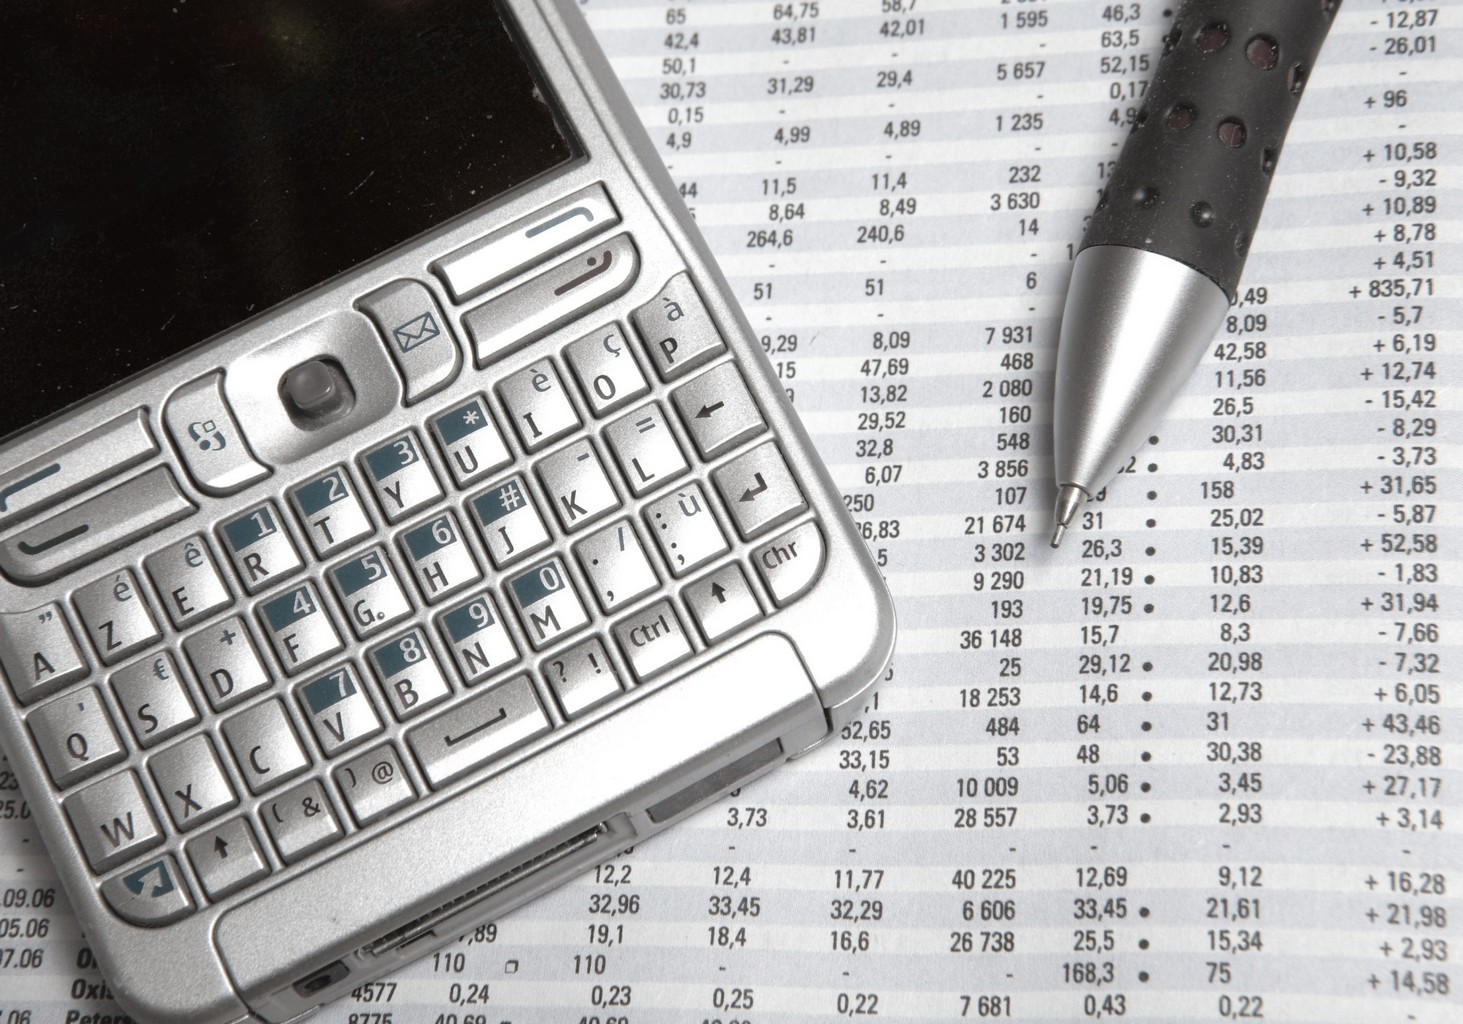 Investissement : privilégiez les placements à risque limité